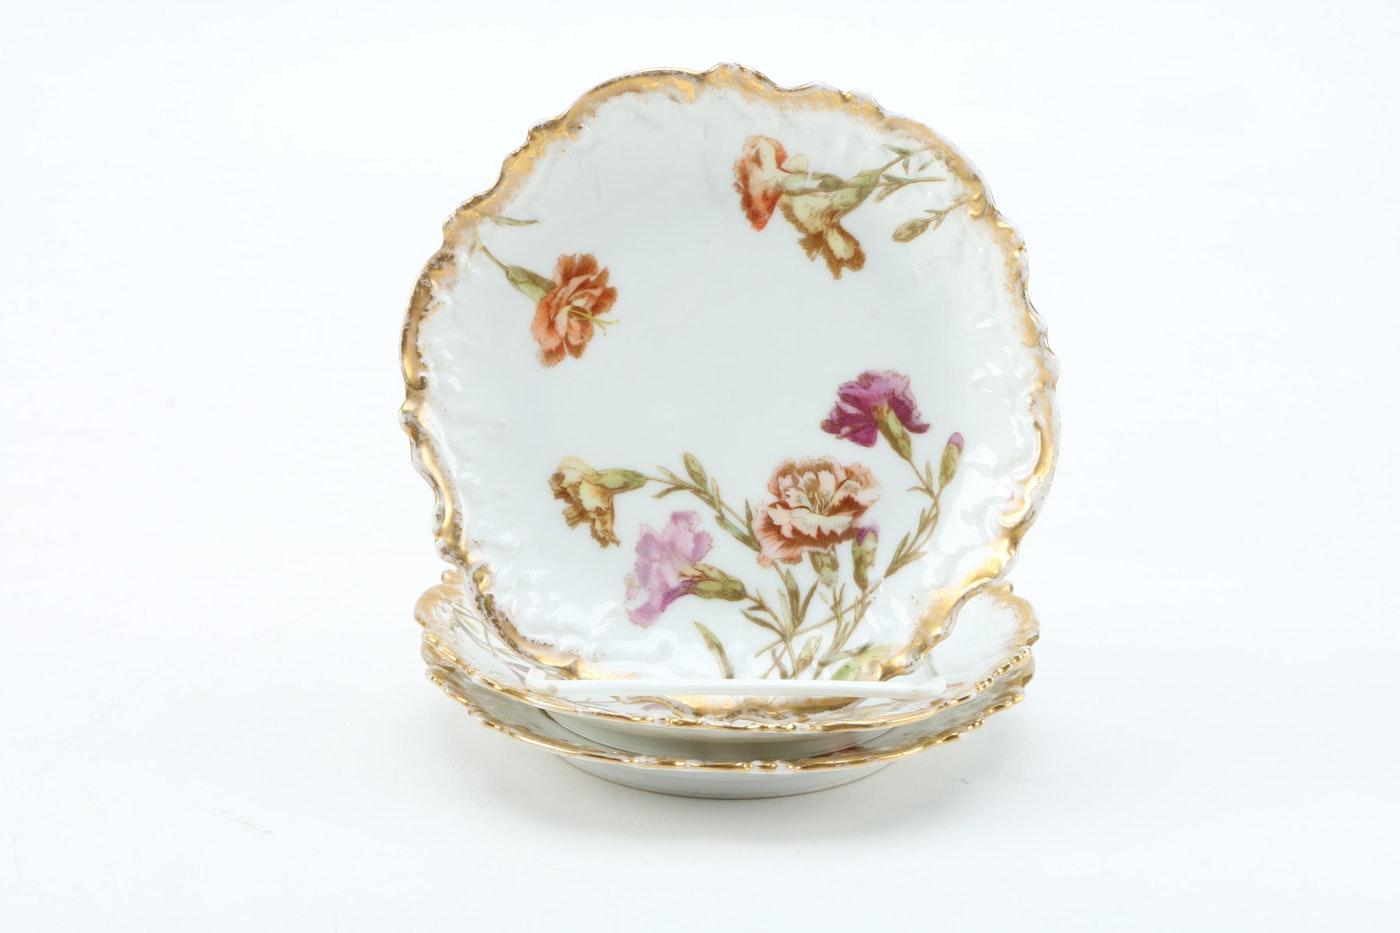 antique tressemann vogt limoges porcelain tableware ebth. Black Bedroom Furniture Sets. Home Design Ideas